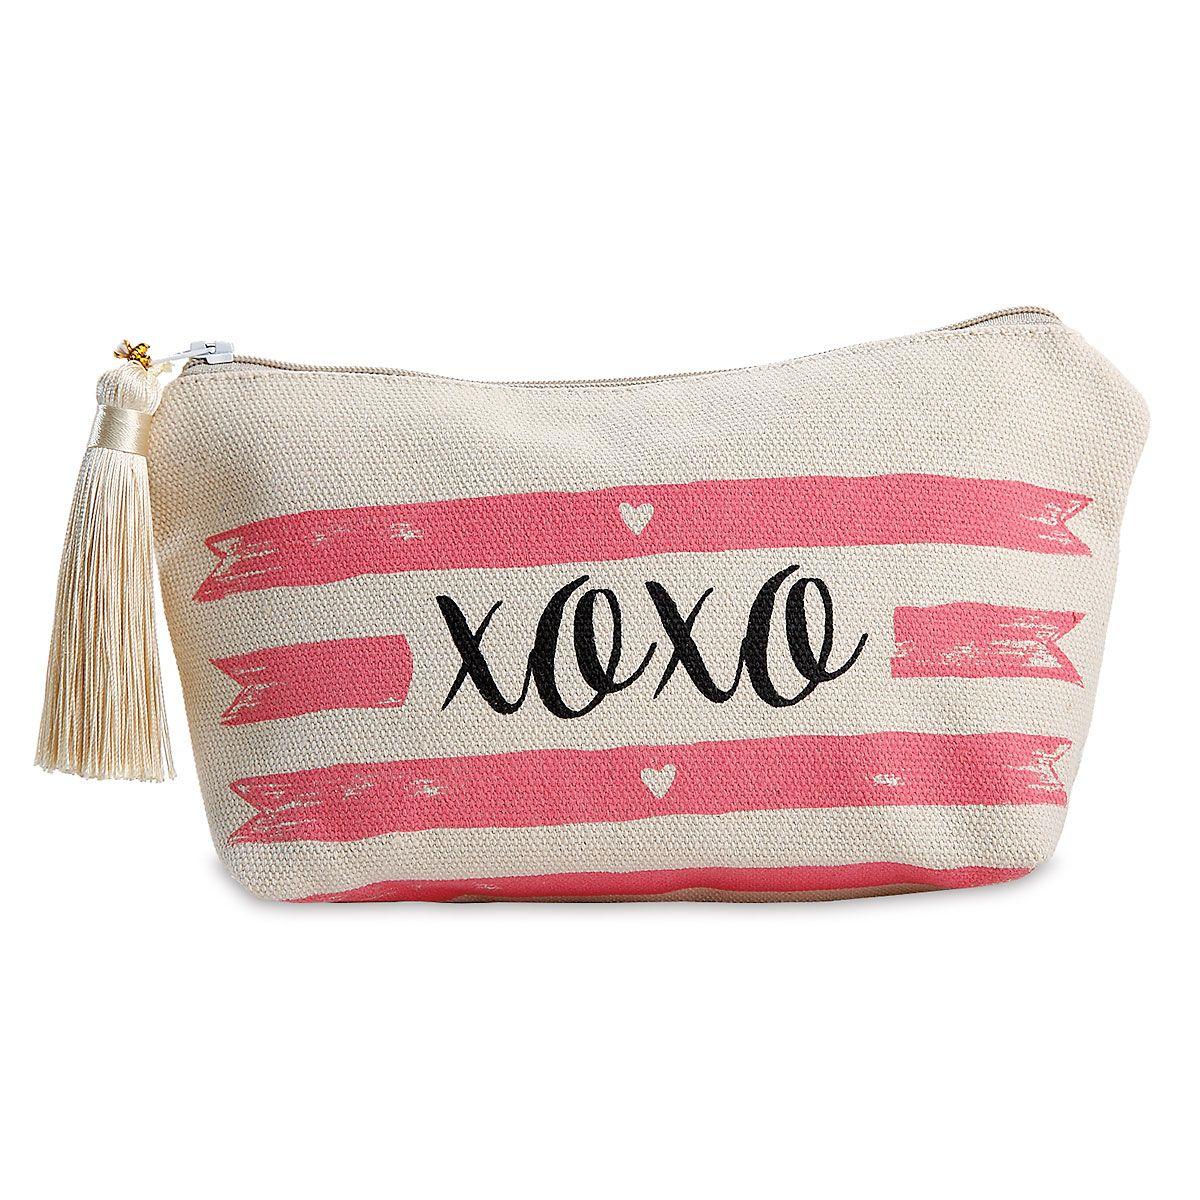 XOXO Cosmetic Bag - Buy 1 Get 1 Free